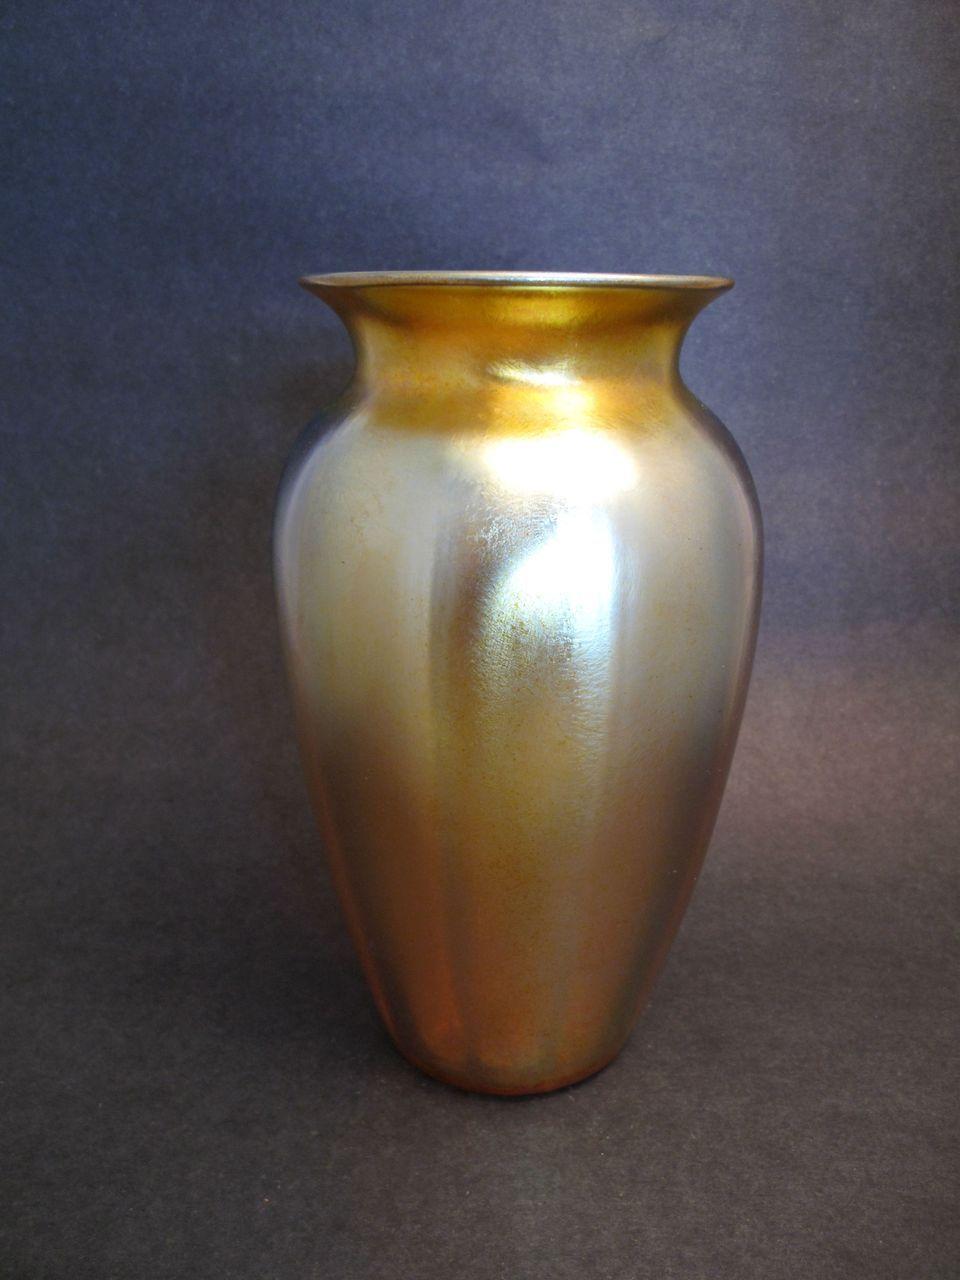 Gold Iridescent Durand Vase from garygermer on Ruby Lane